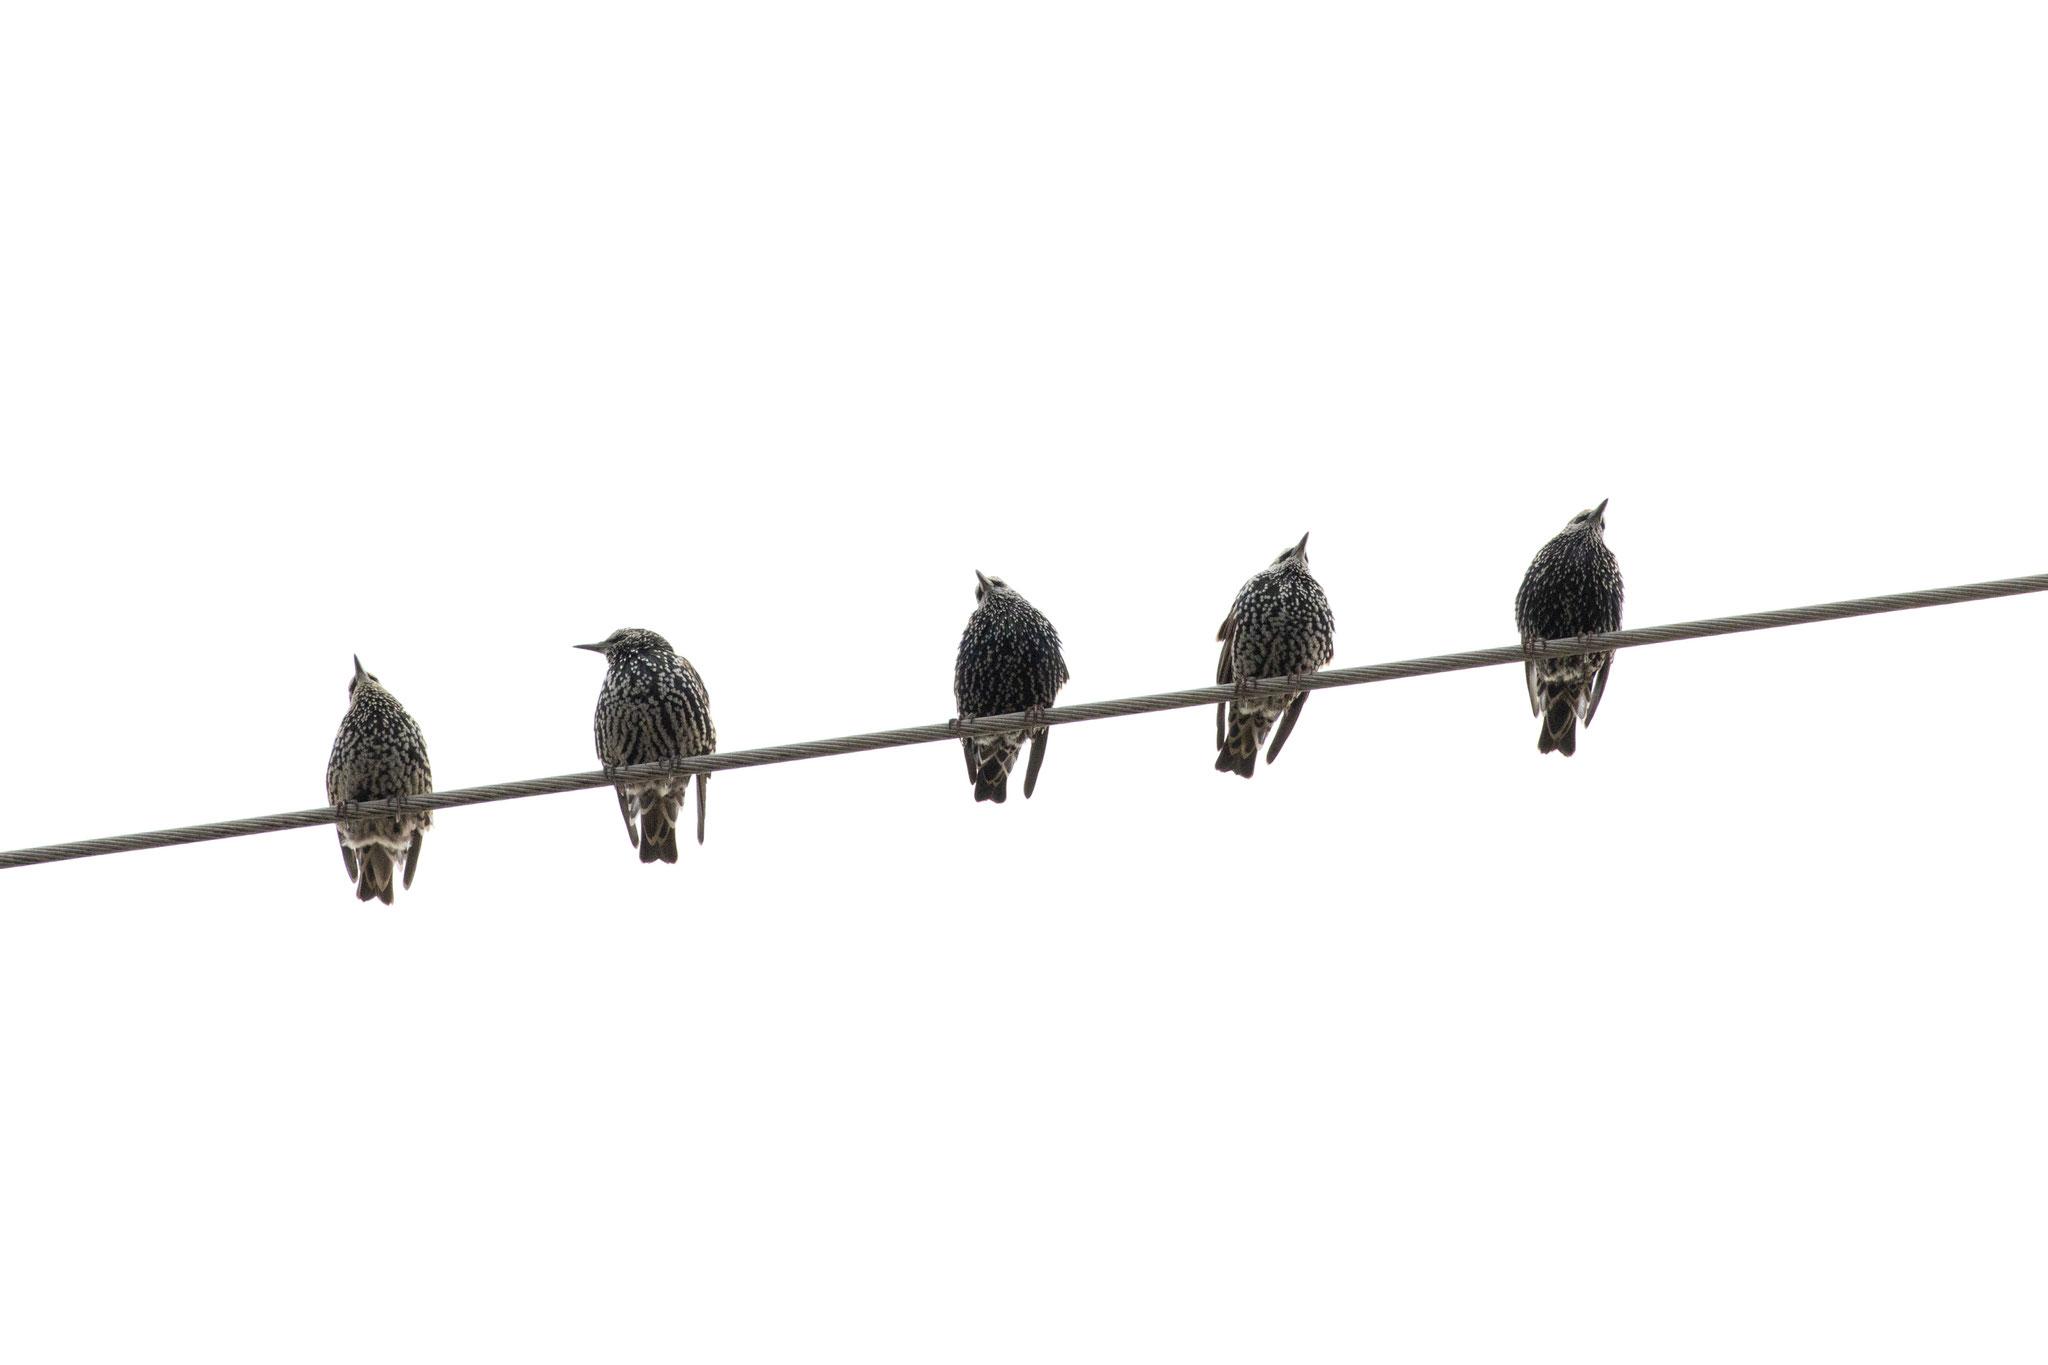 Stare auf einer Stromleitung (Foto: B. Budig)